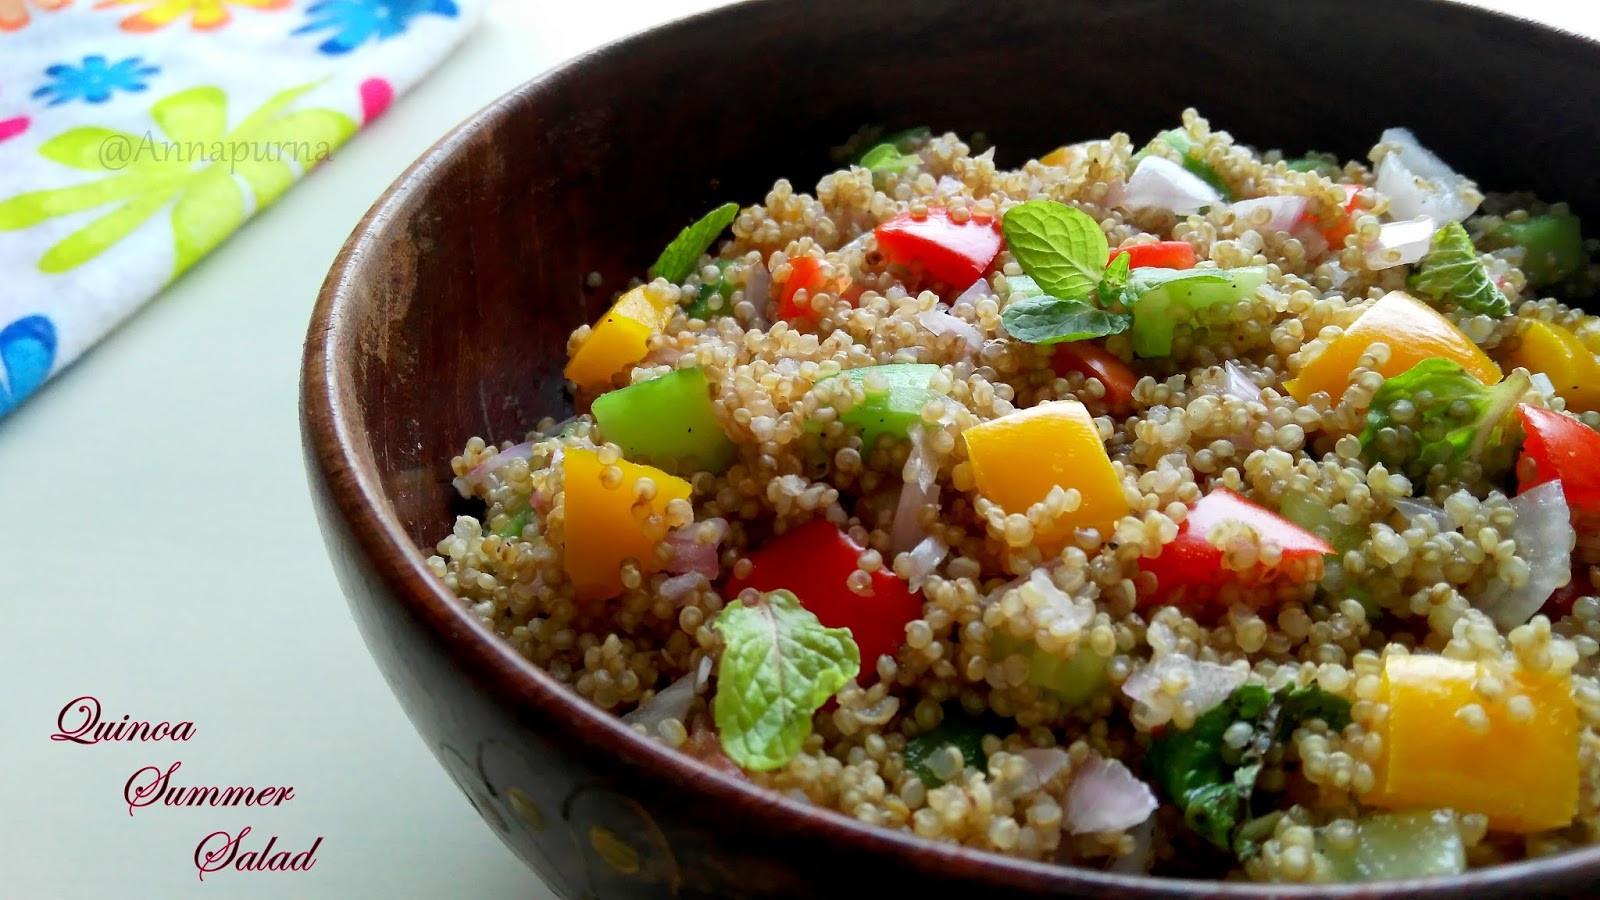 Quinoa Summer Salad  Annapurna Quinoa Summer Salad